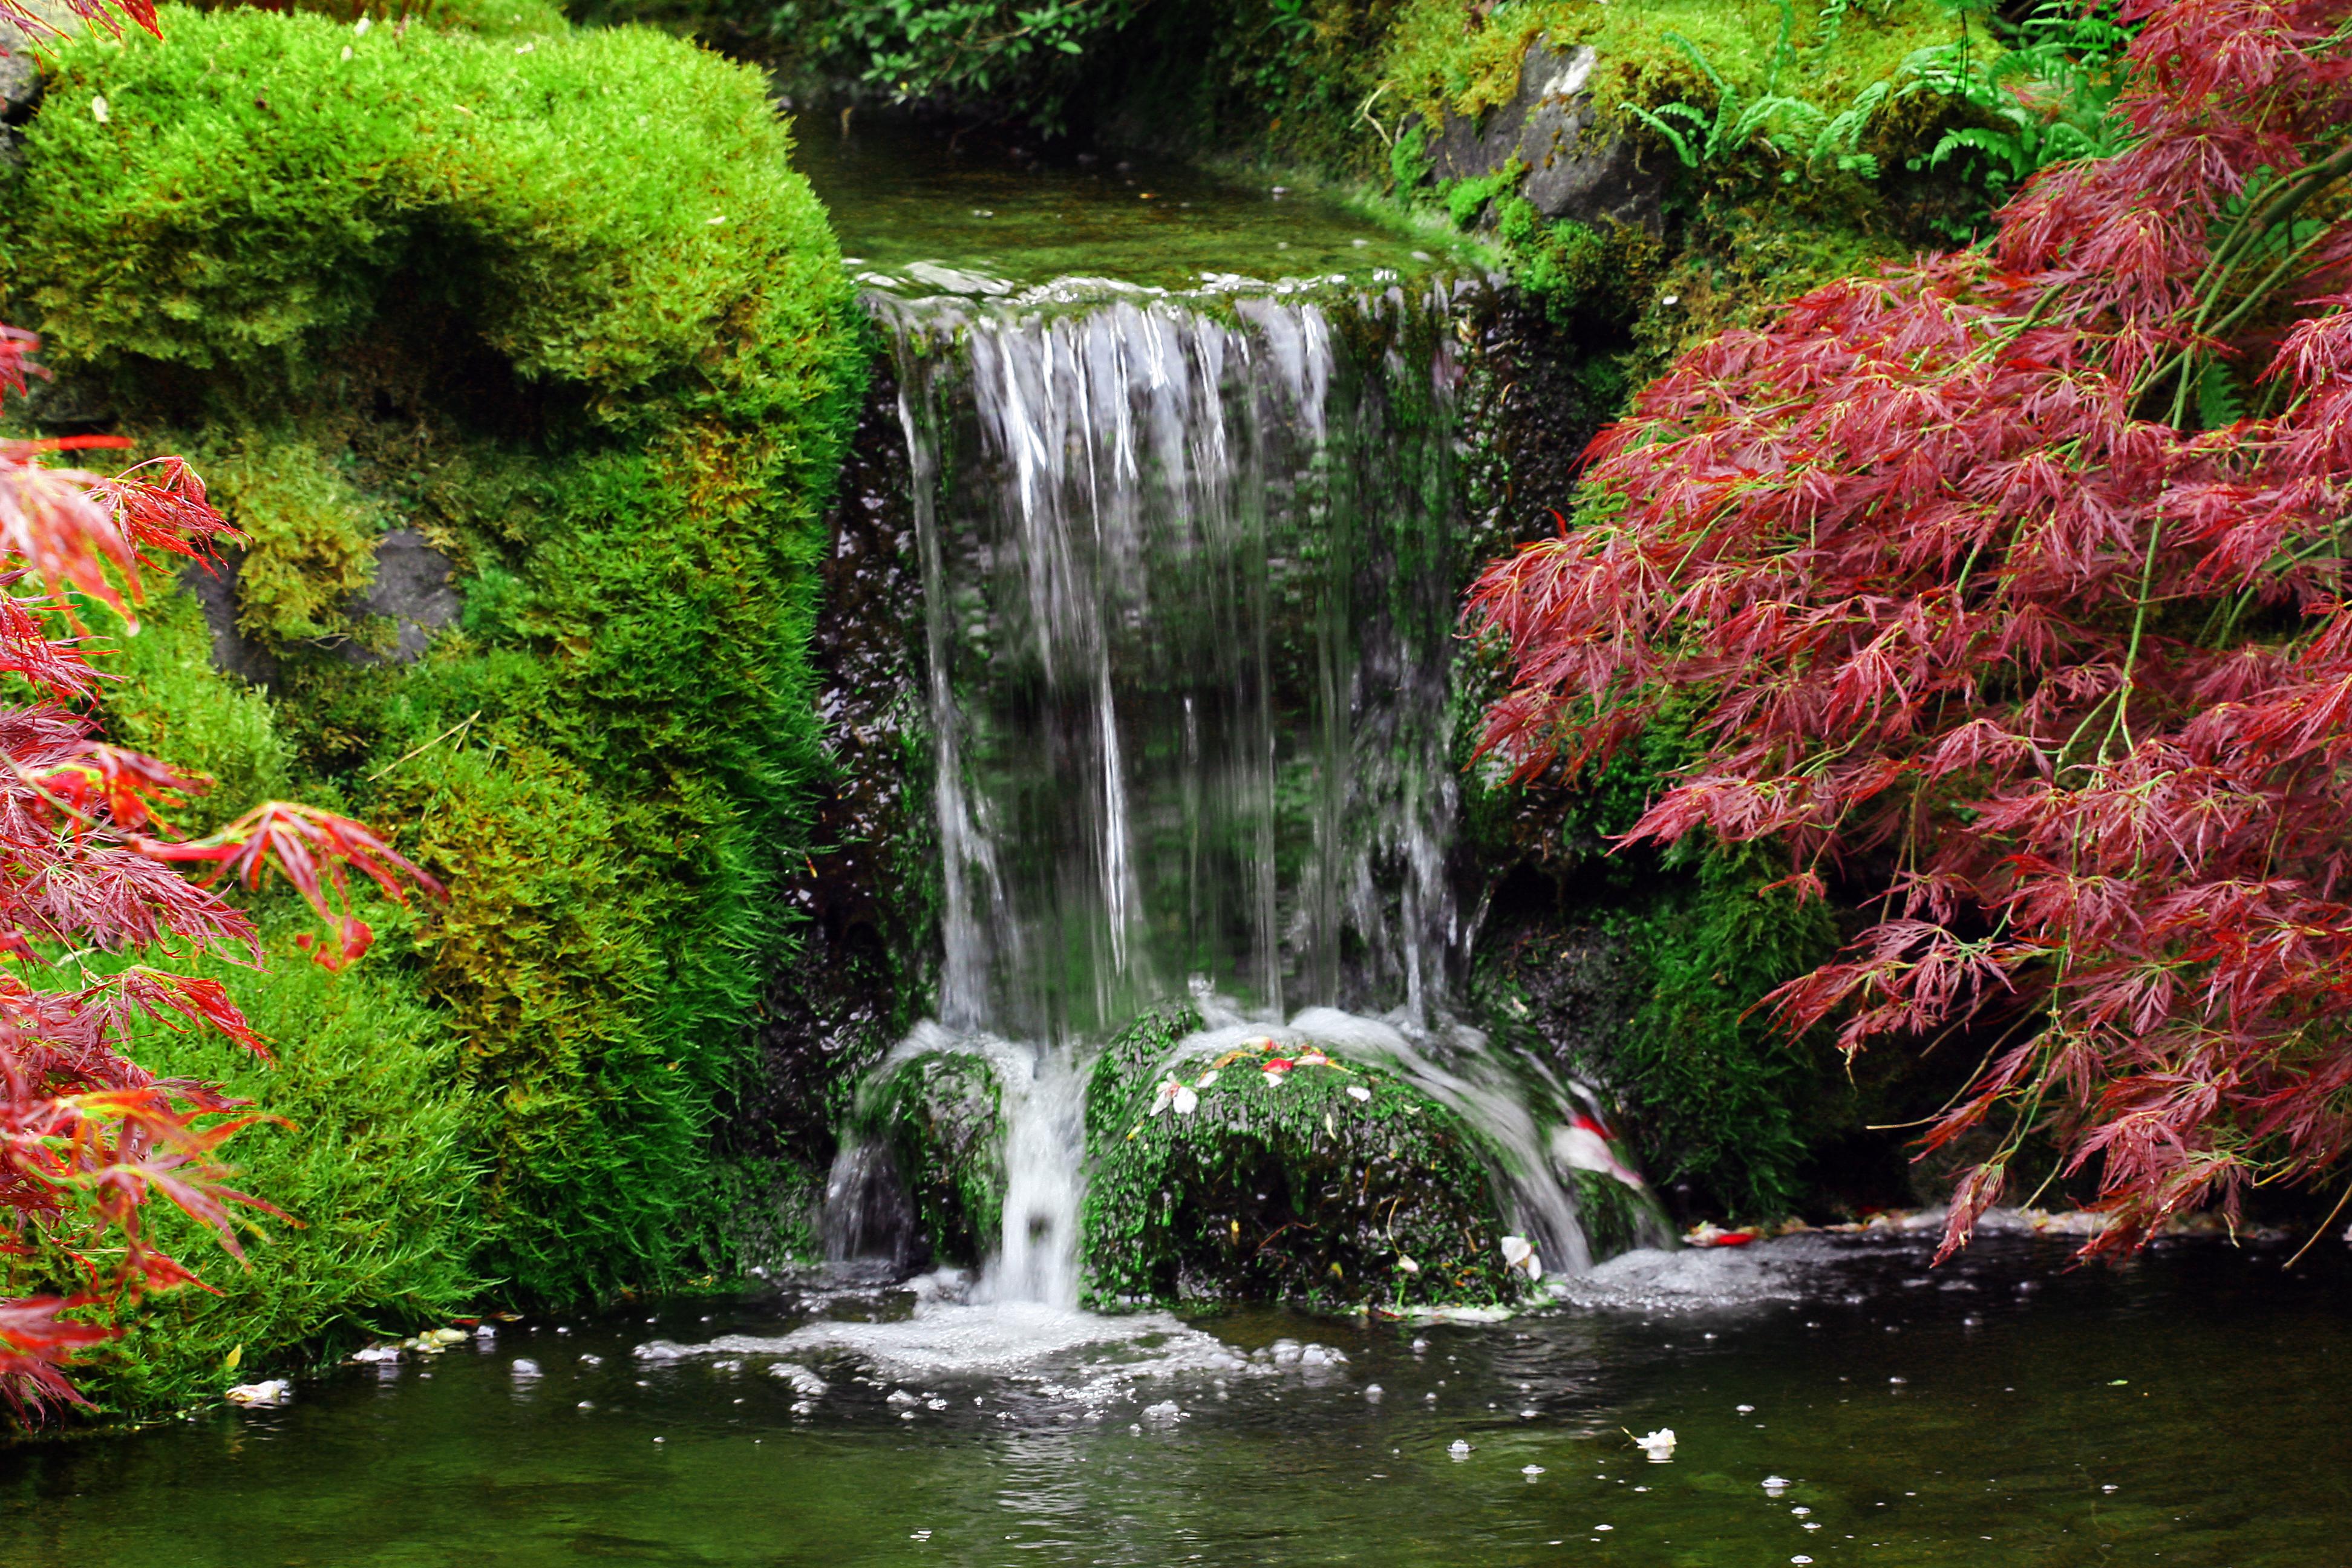 Yuk, Percantik Taman dengan Air Terjun Buatan